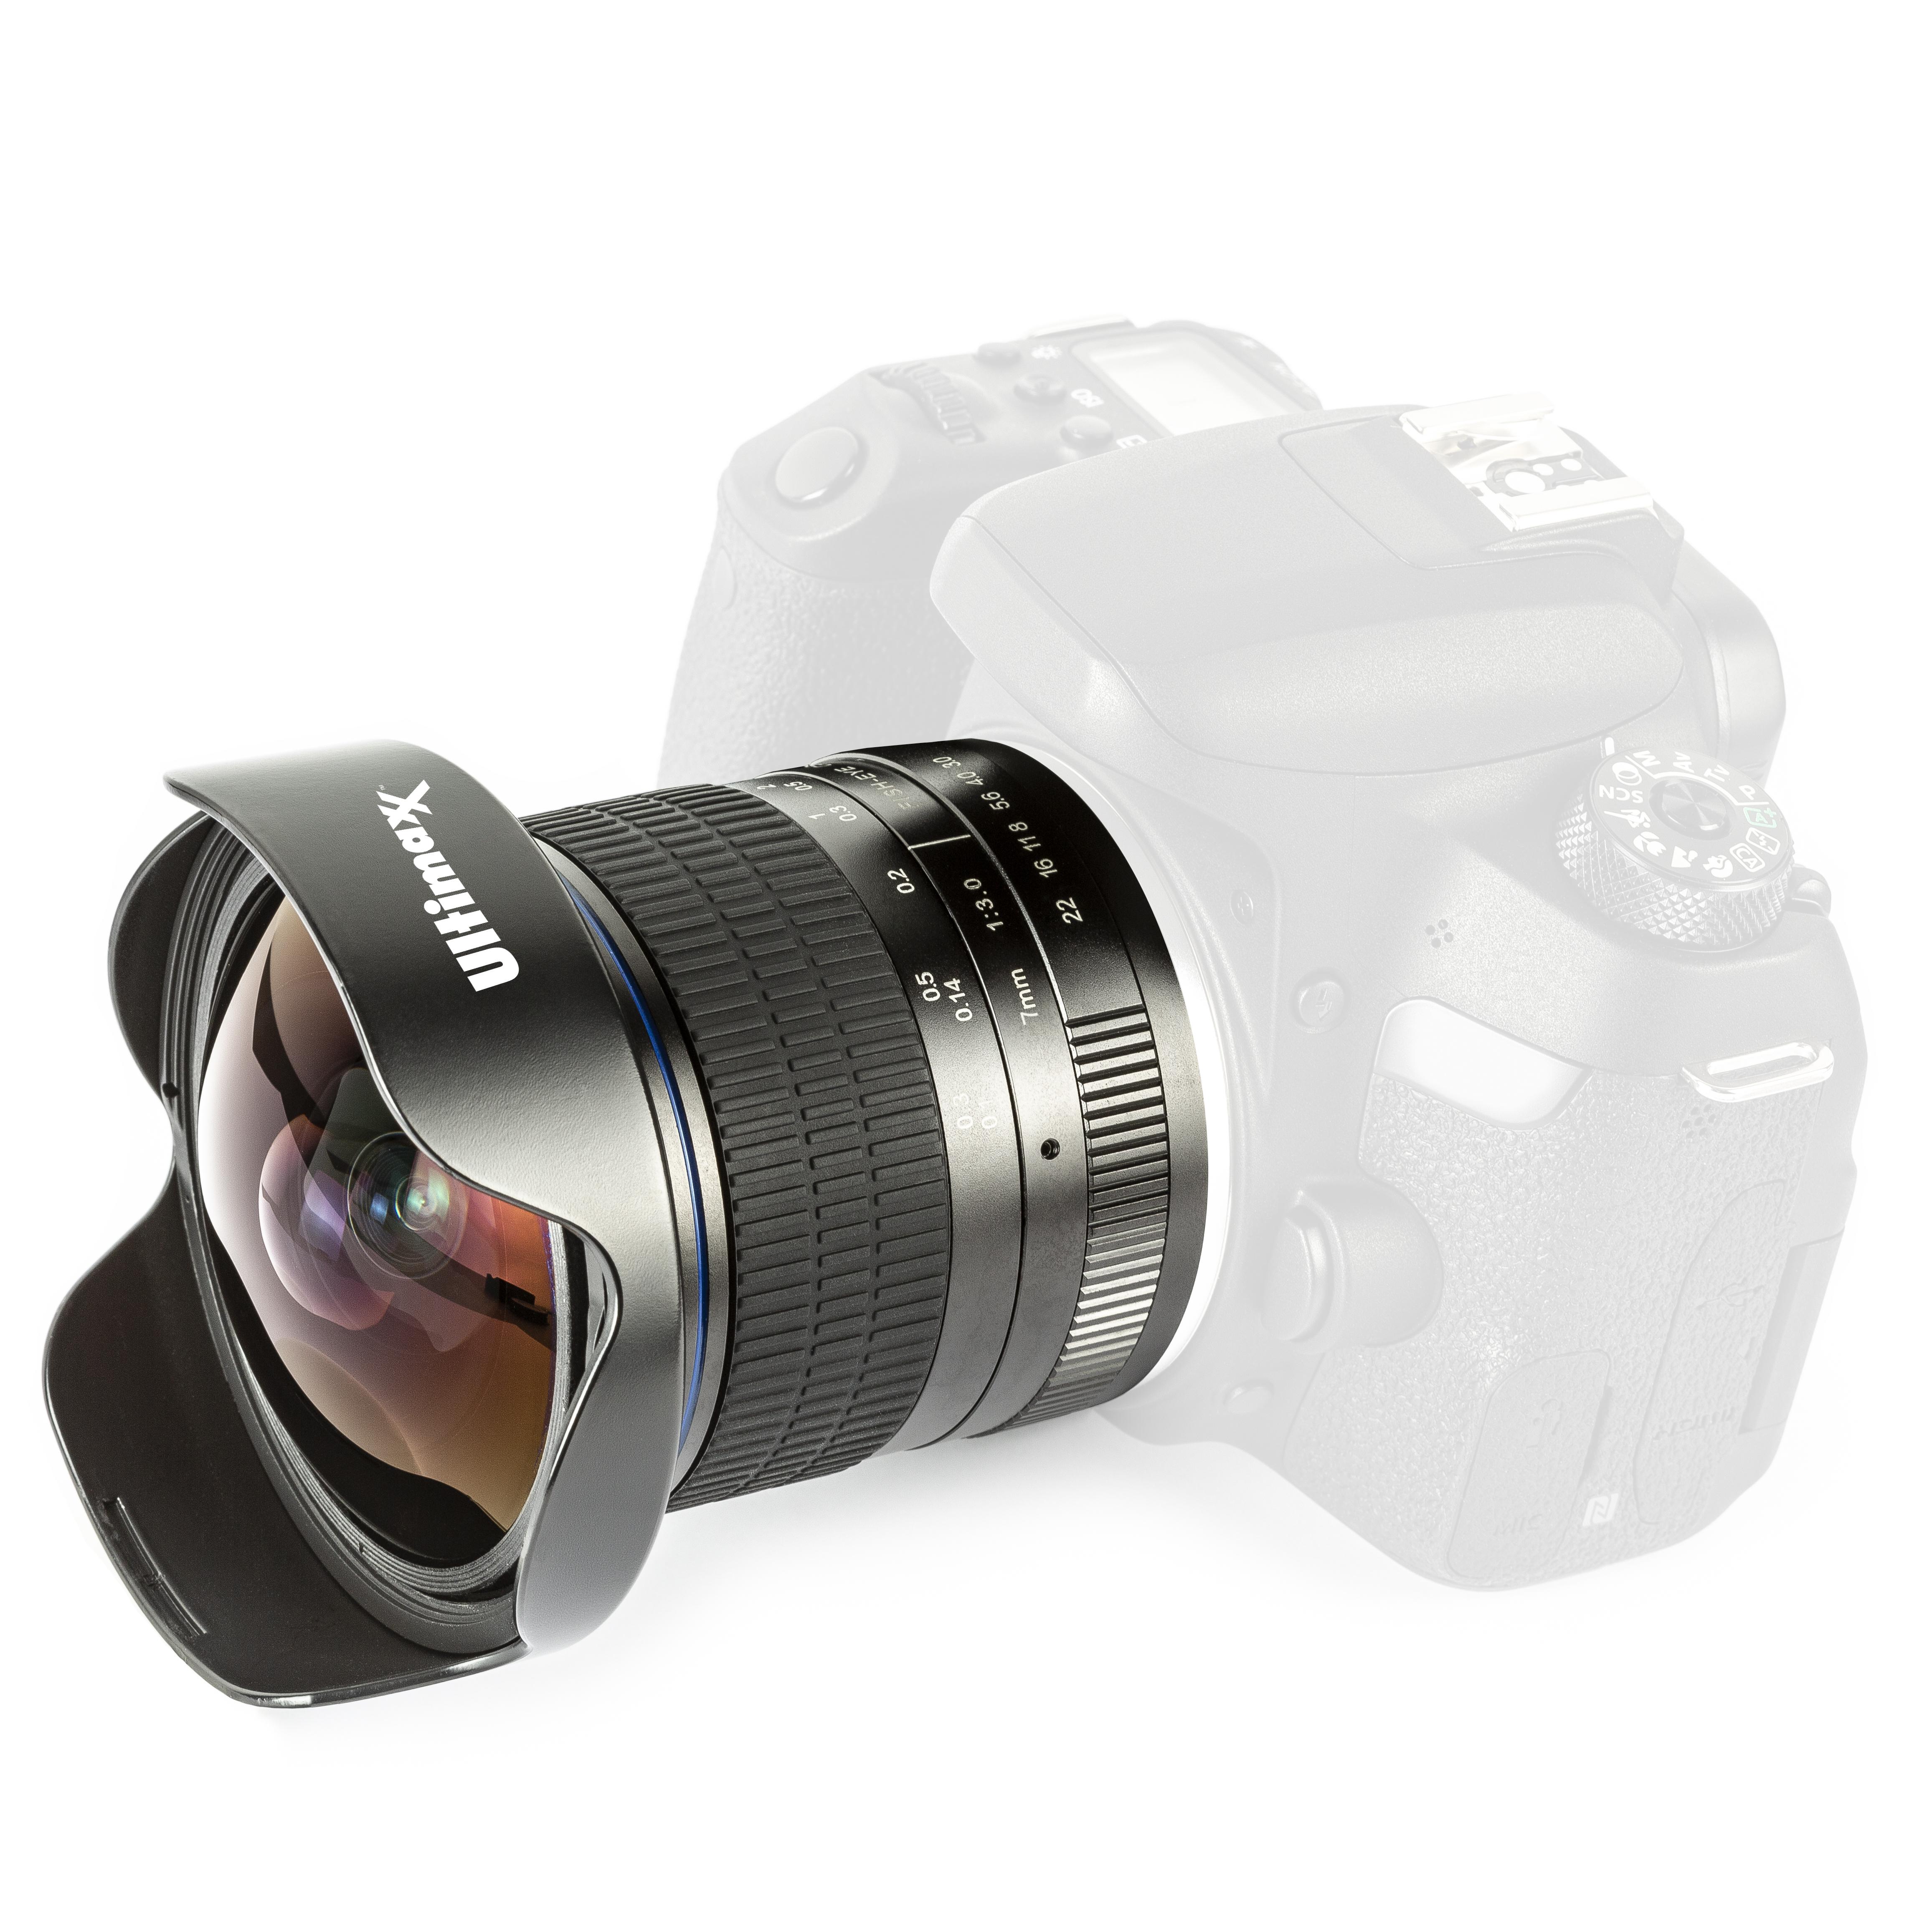 Ultimaxx 7mm F/3.0 Fisheye Len